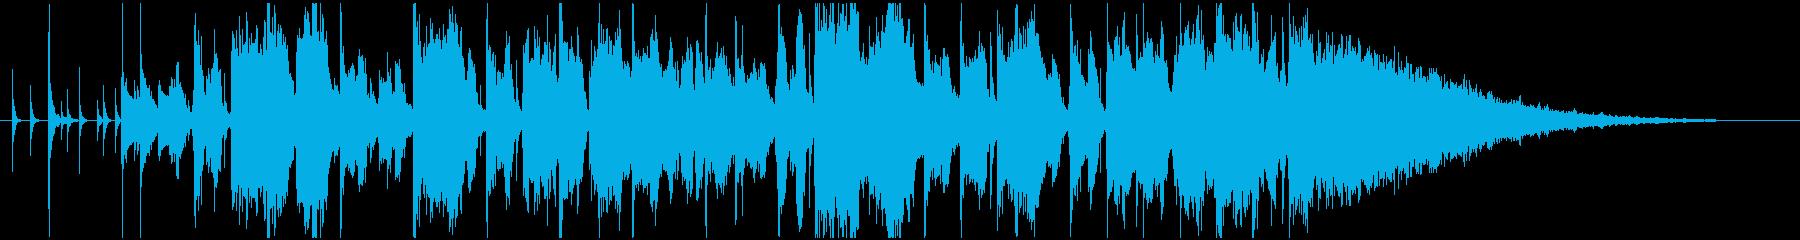 誕生日ソング【女Vo dub/レゲエ風】の再生済みの波形